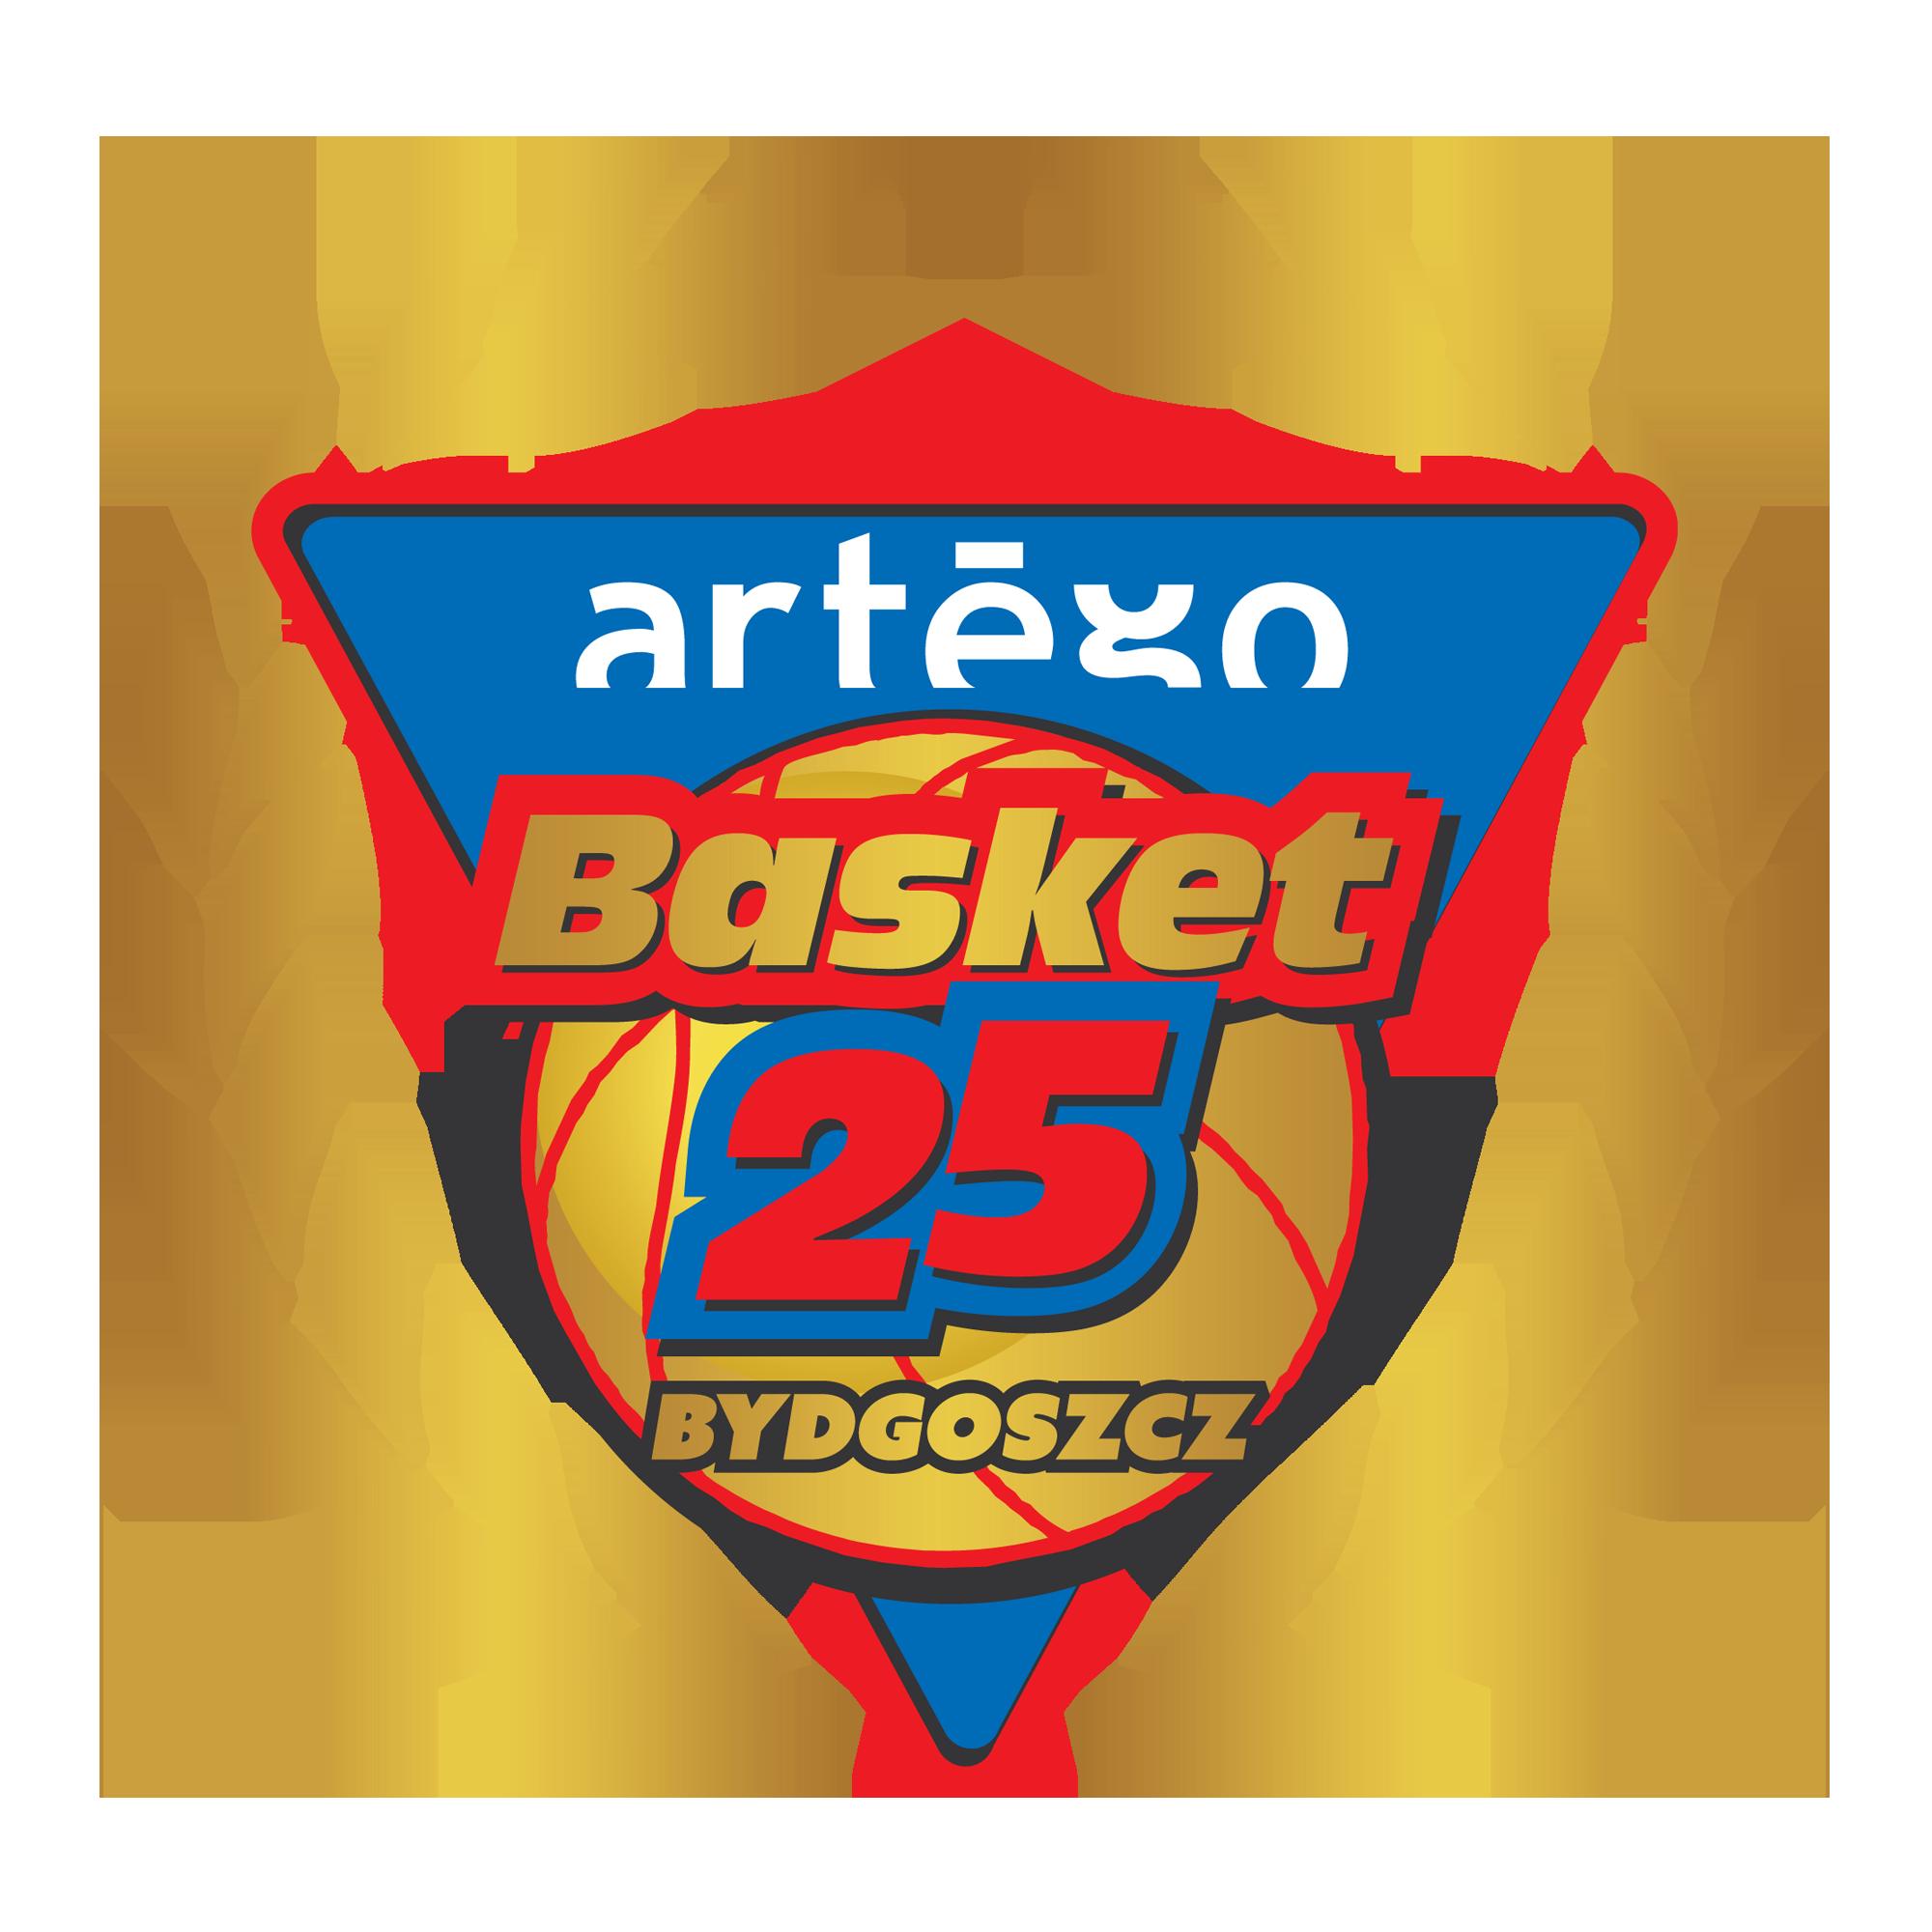 http://artegobydgoszcz.pl/